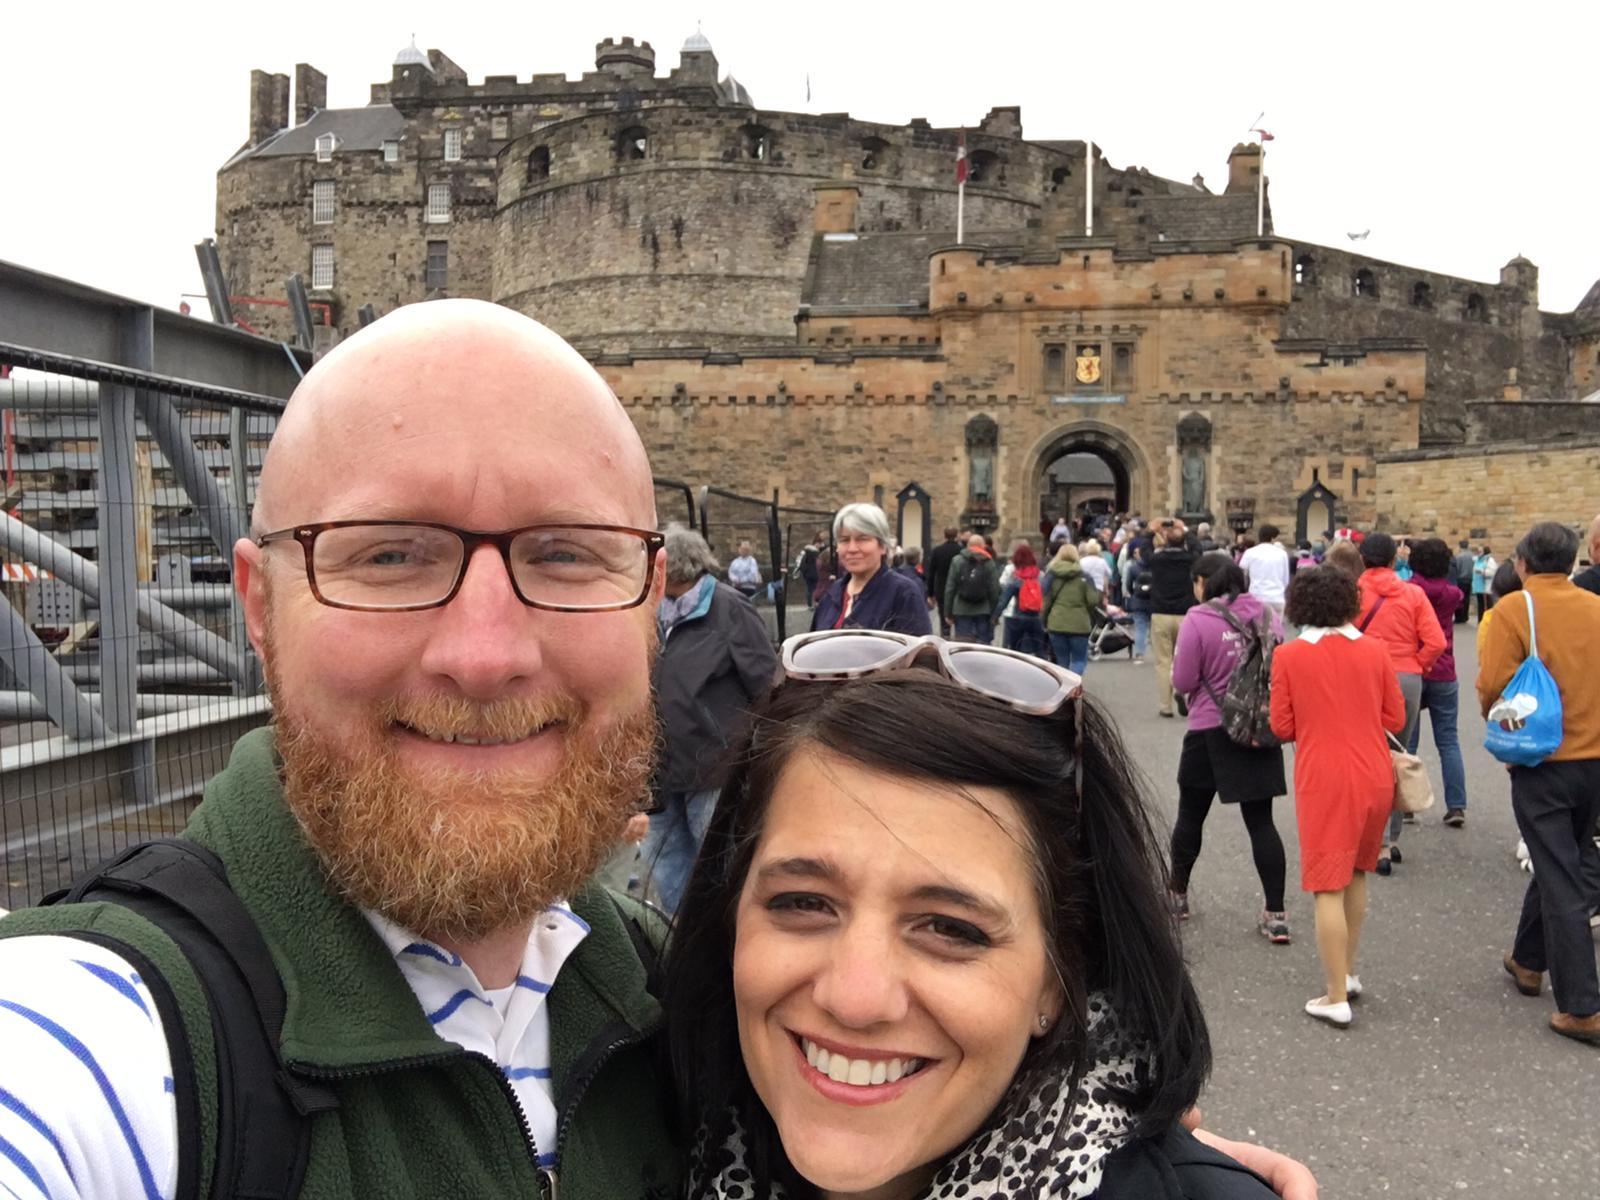 Me and Brock - Edinburgh Castle.